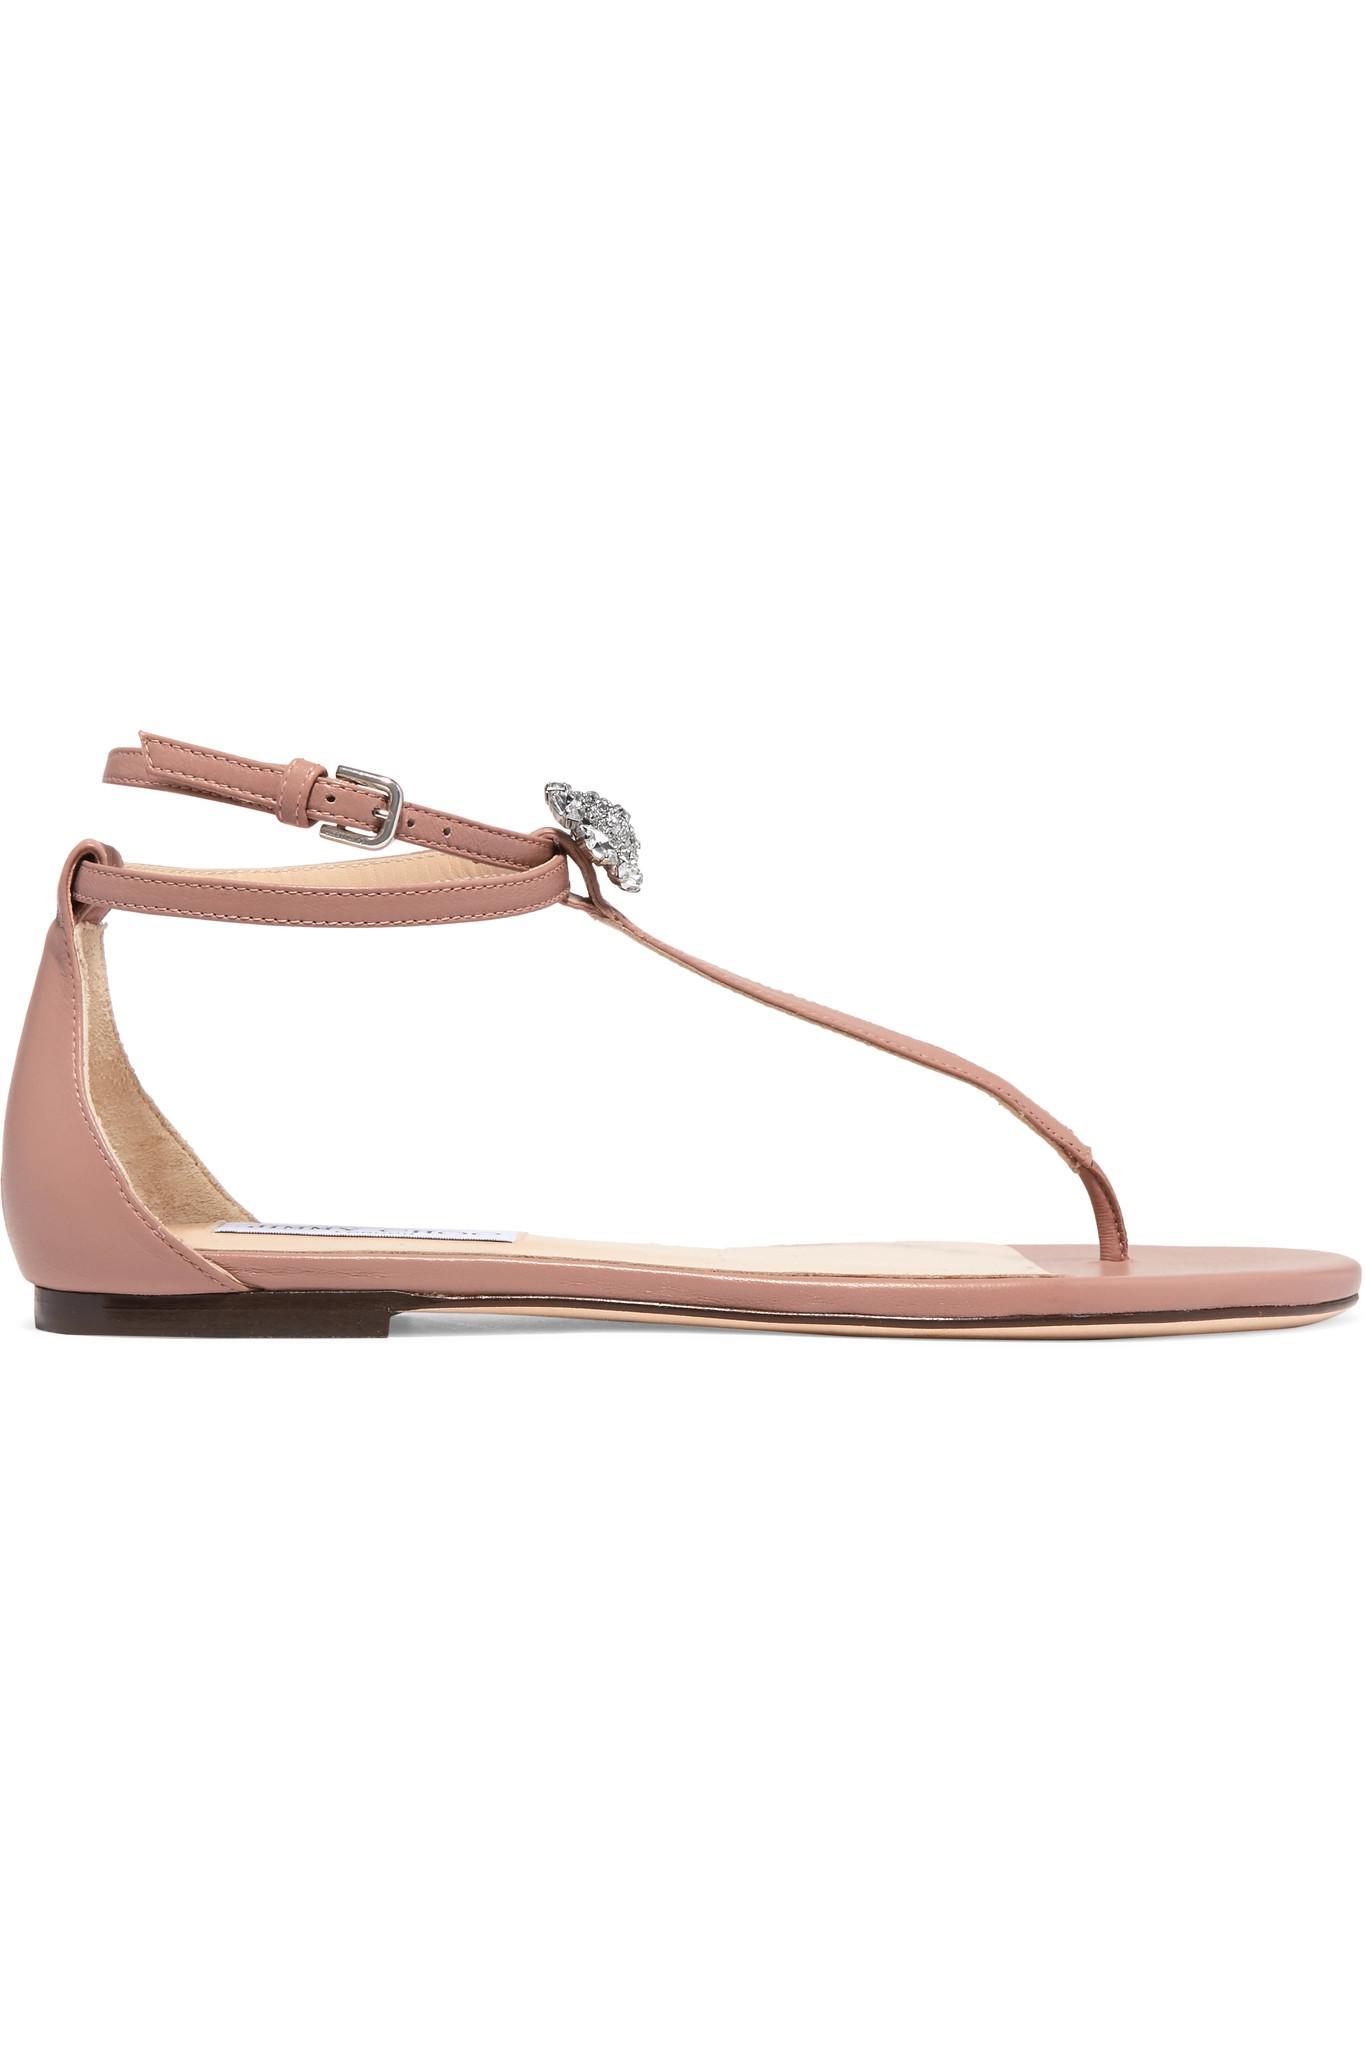 Enjoy Outlet Visa Payment Jimmy choo Afia crystal-embellished leather sandals rjY37sctTe